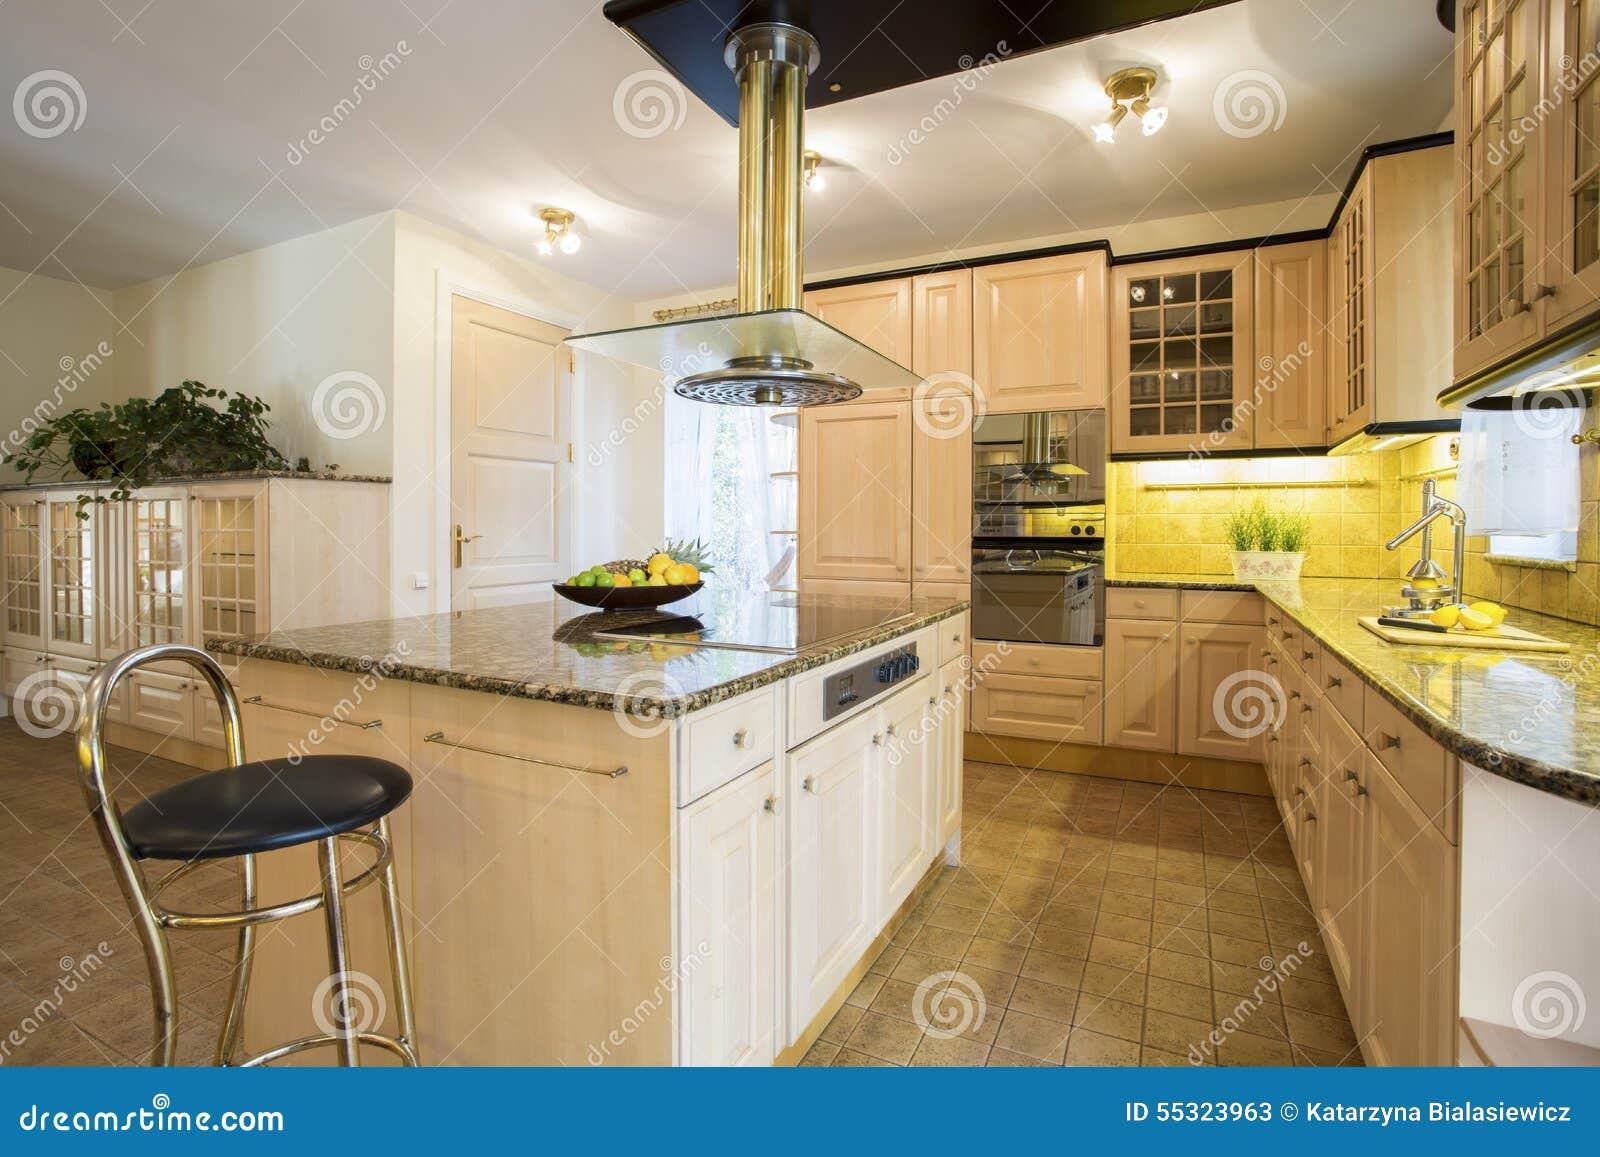 Ilha De Cozinha Na Cozinha Projetada Imagem De Stock Imagem De